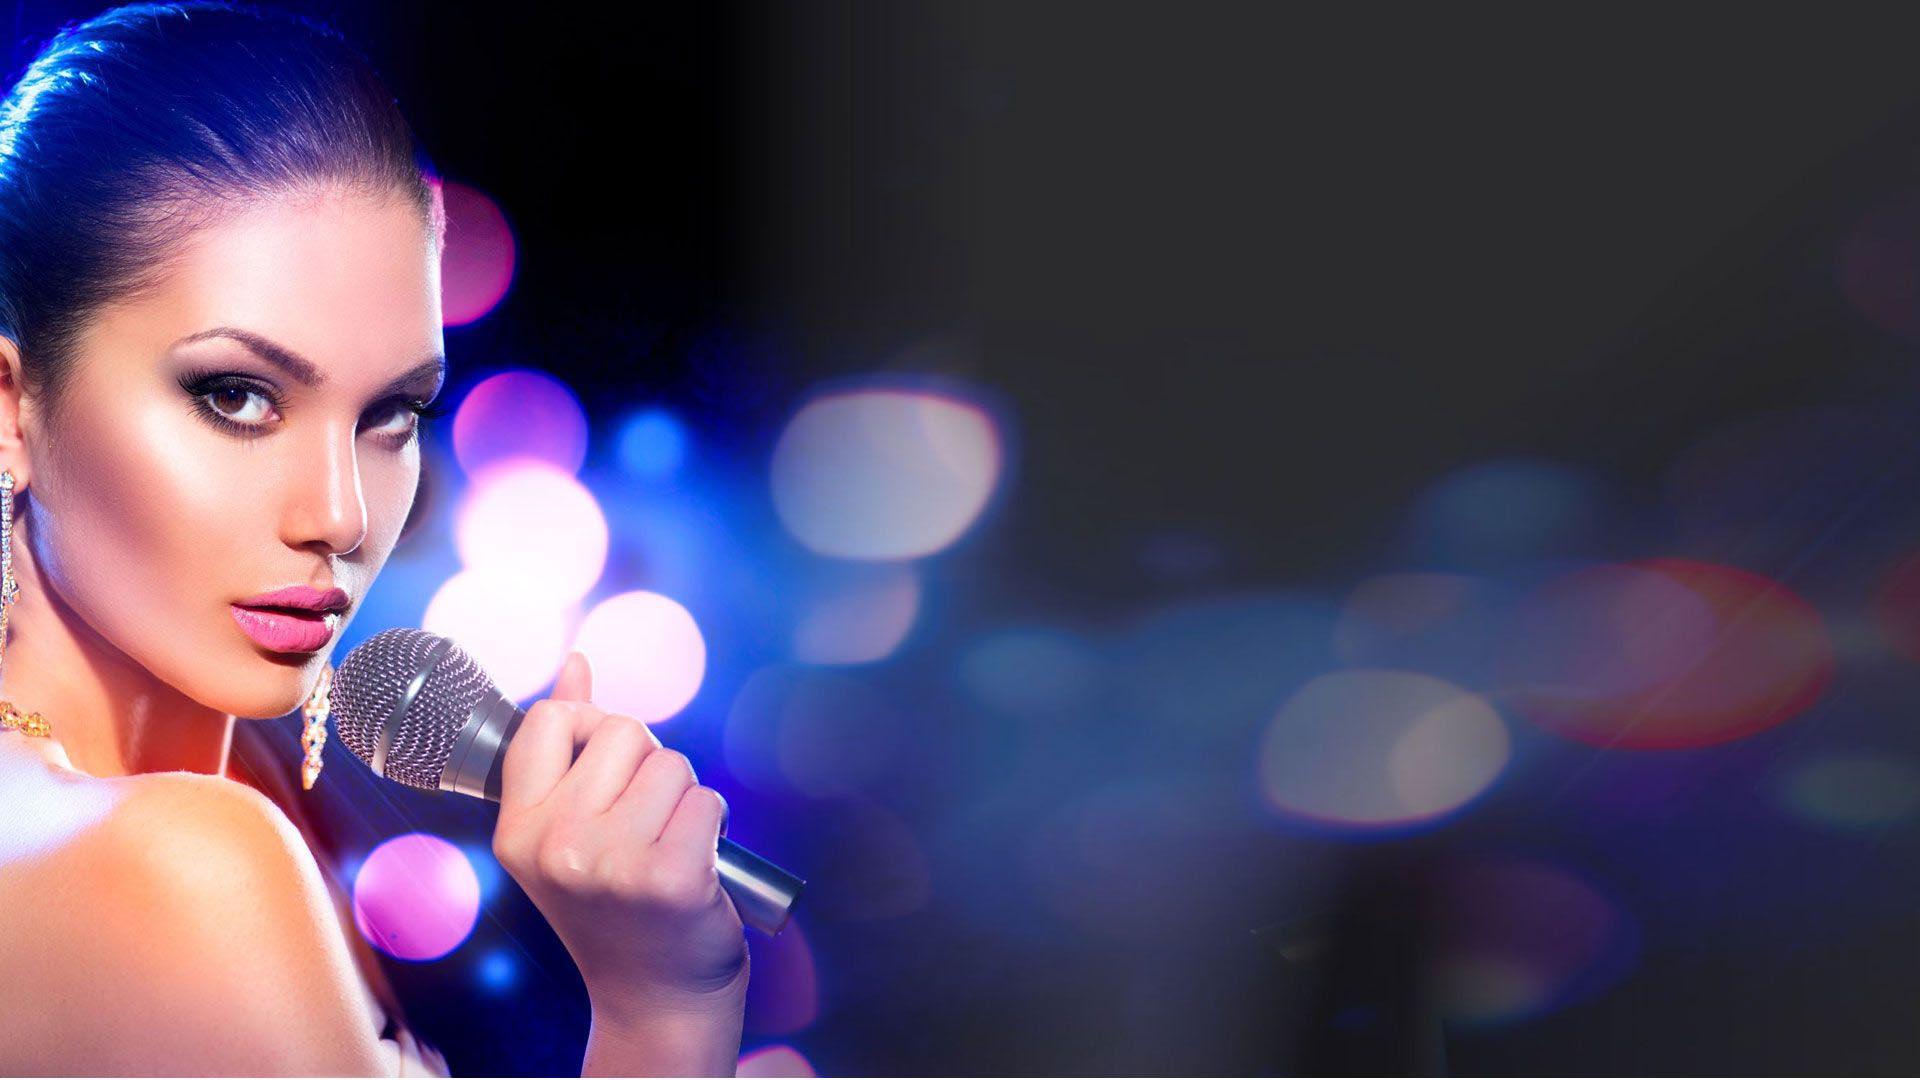 Как научится петь в домашних условиях если нет голоса? 14